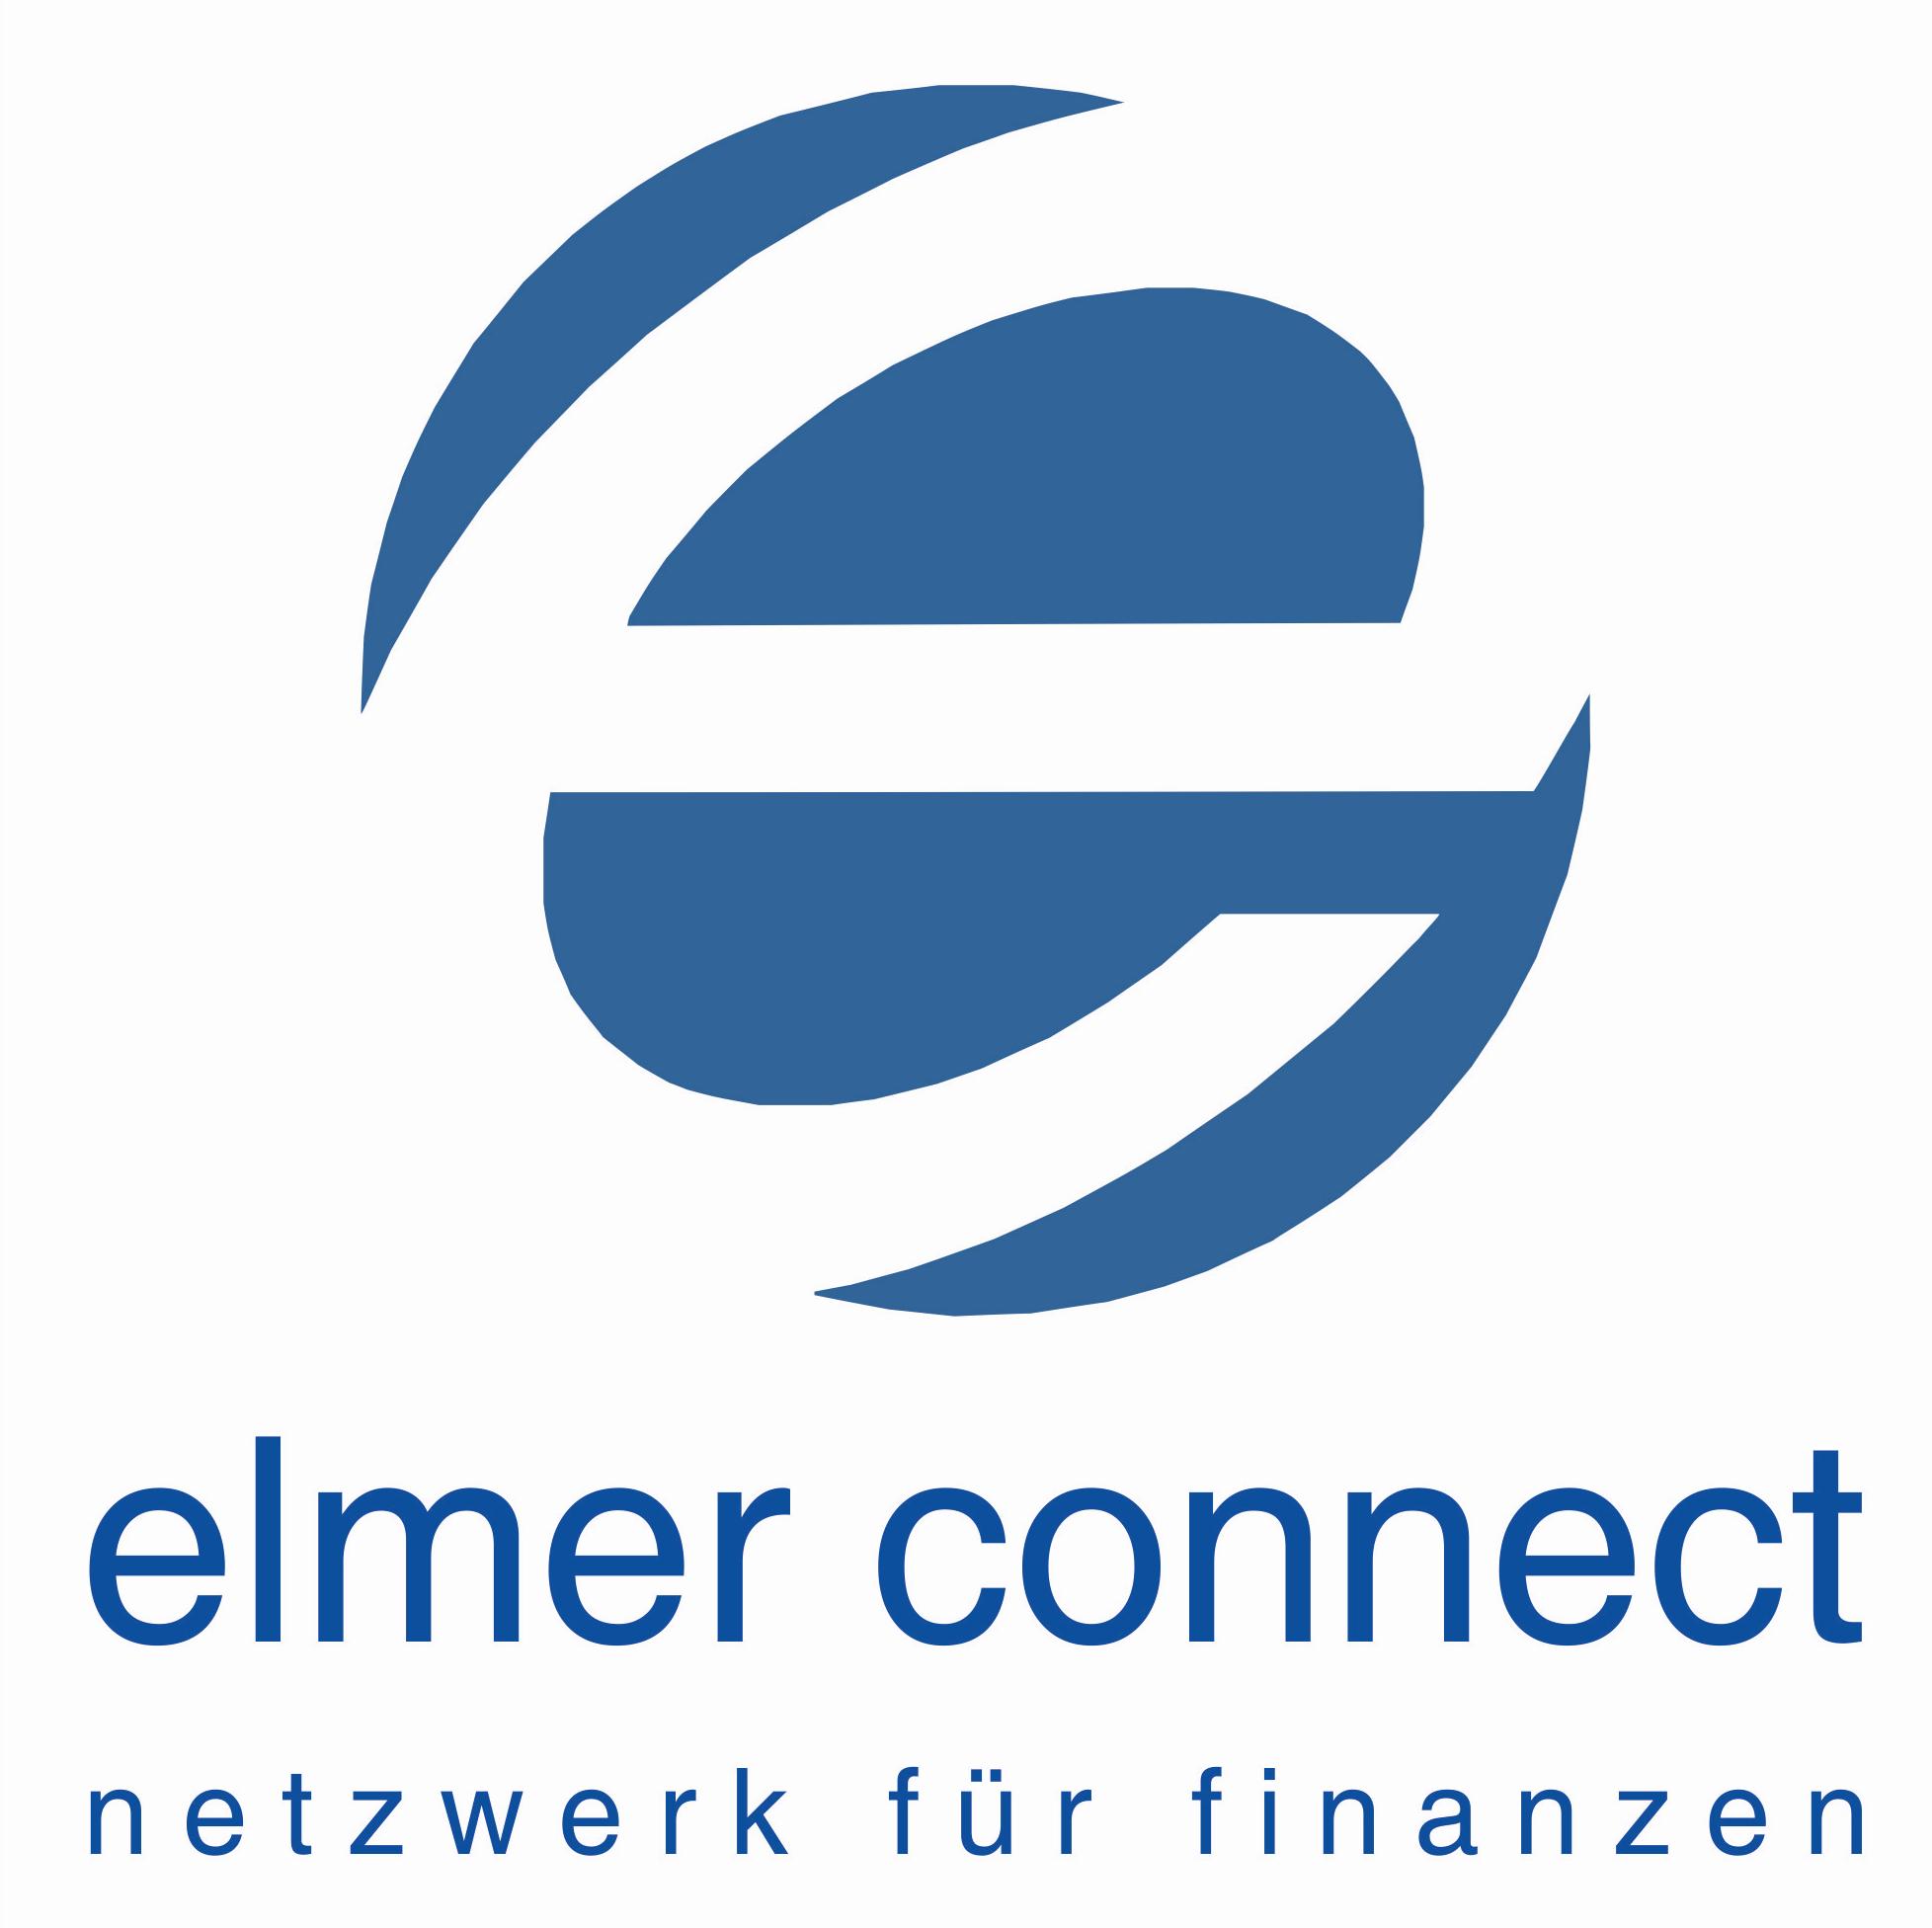 elmerconnect.de-Logo